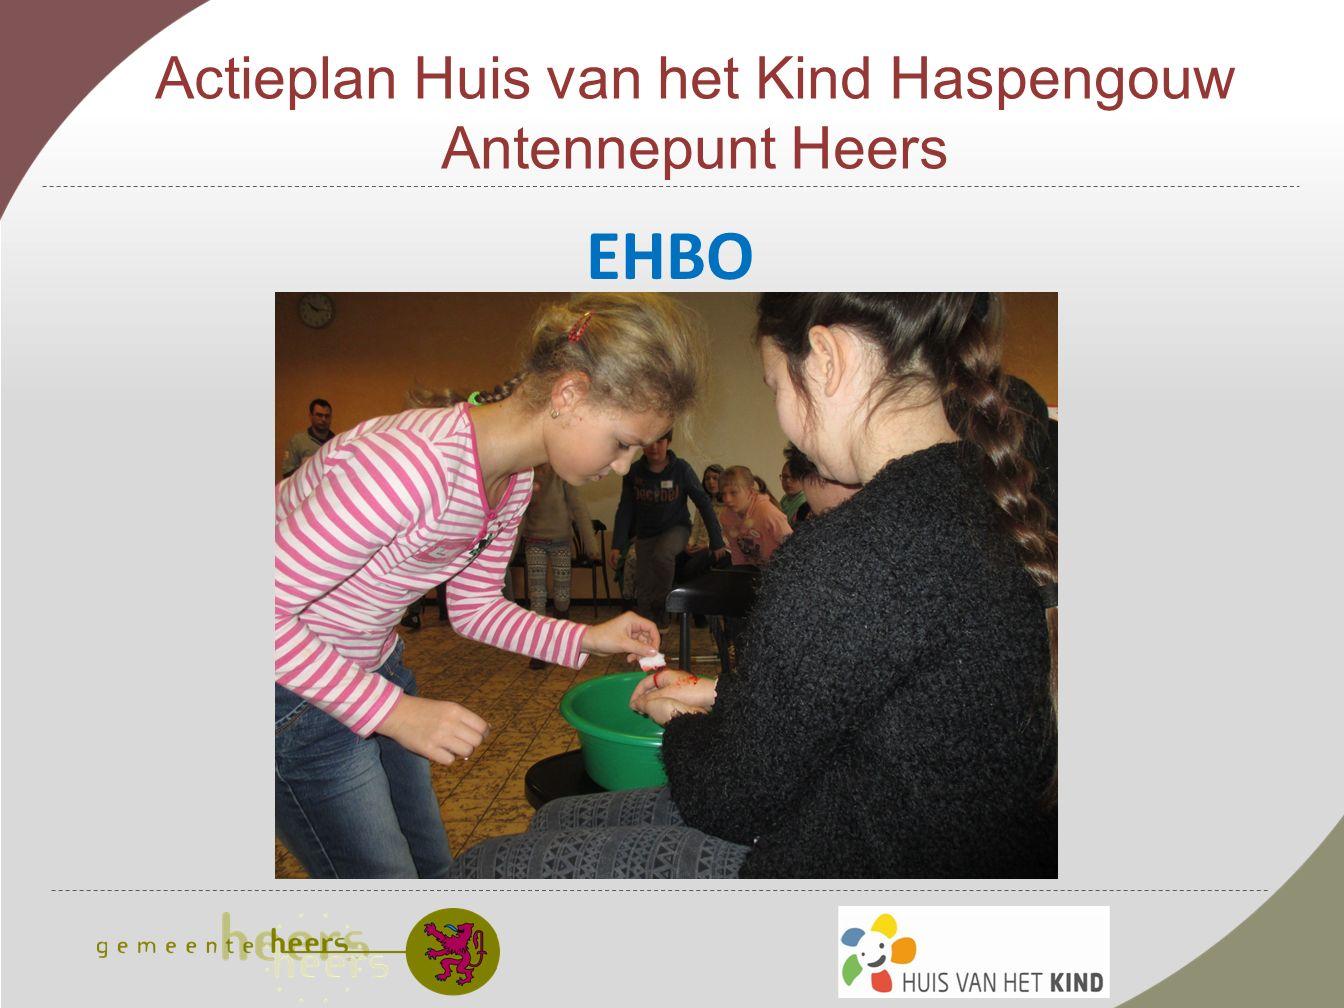 Actieplan Huis van het Kind Haspengouw Antennepunt Heers EHBO